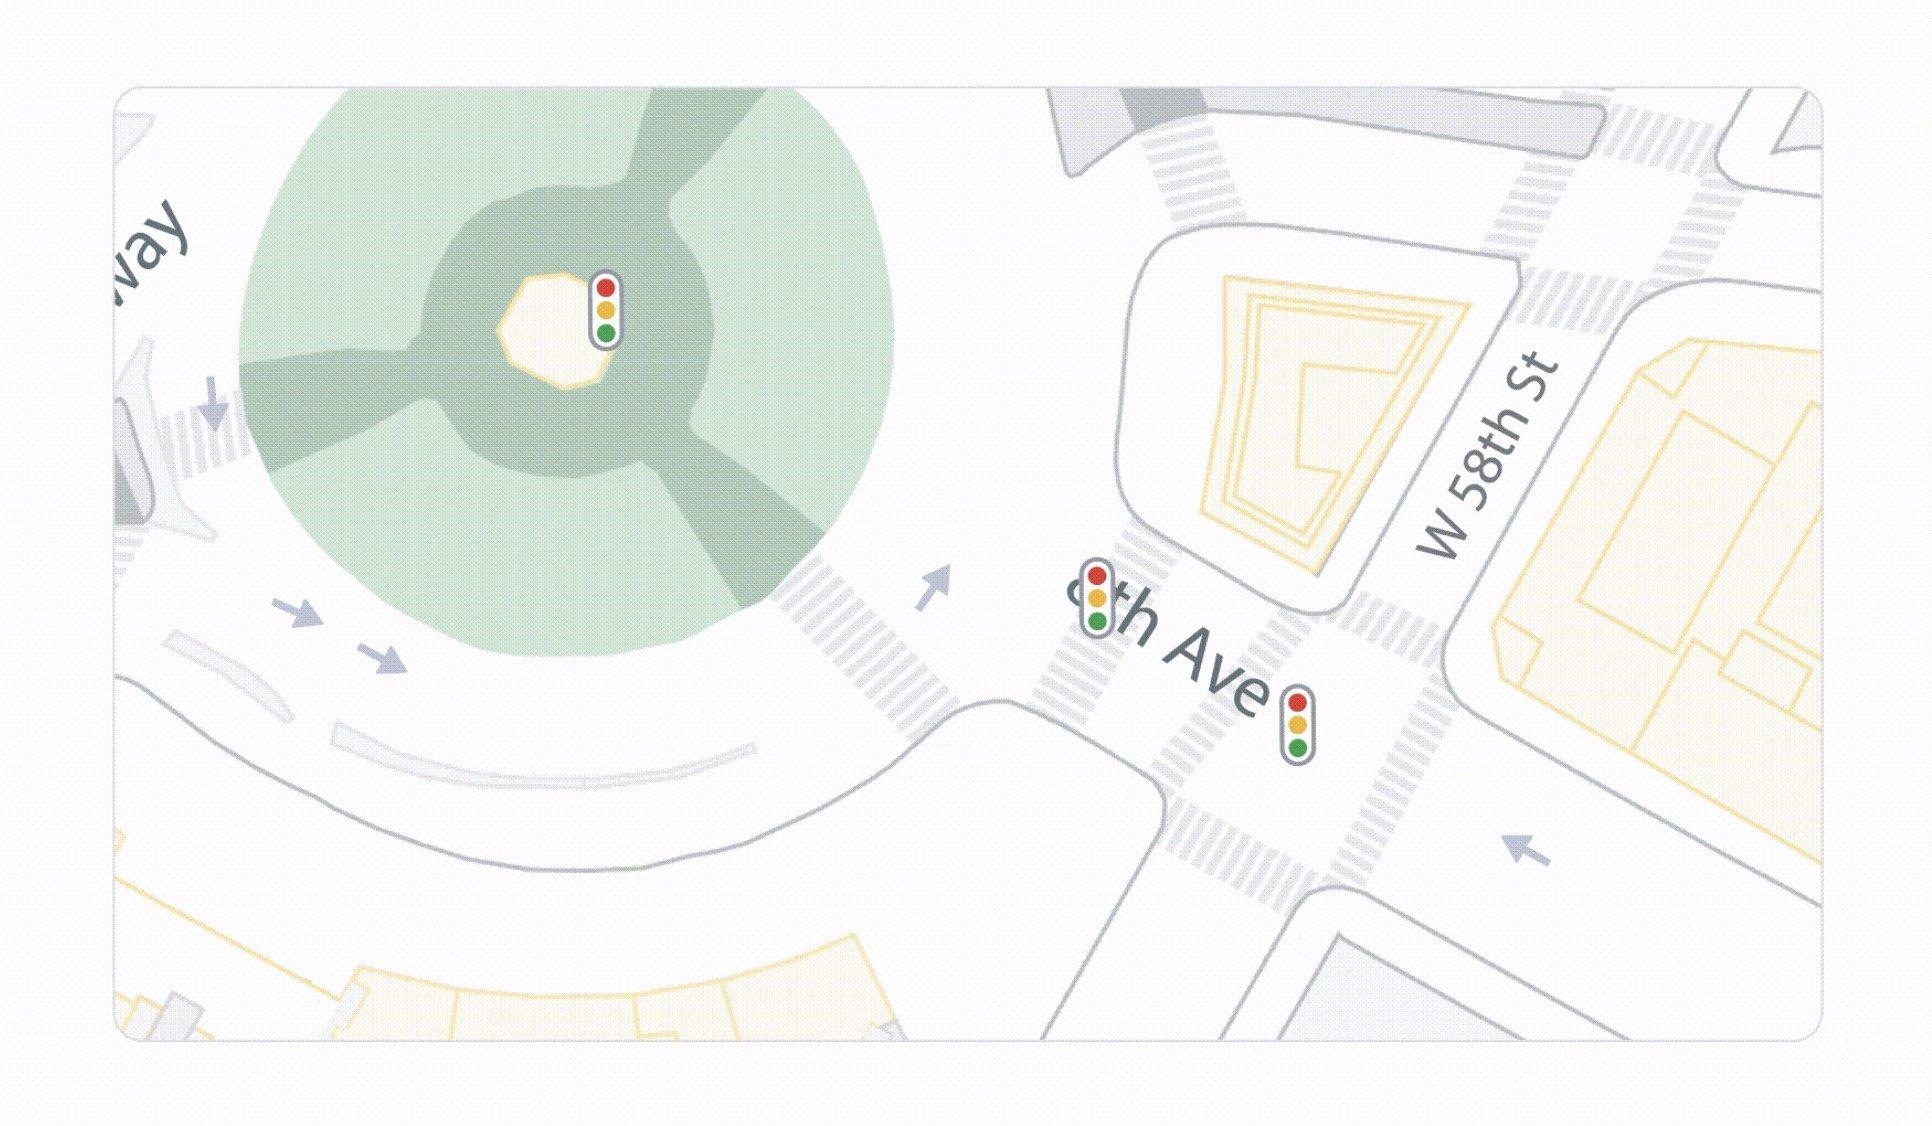 طراحی دقیق خیابان و پیاده رو در گوگل مپ